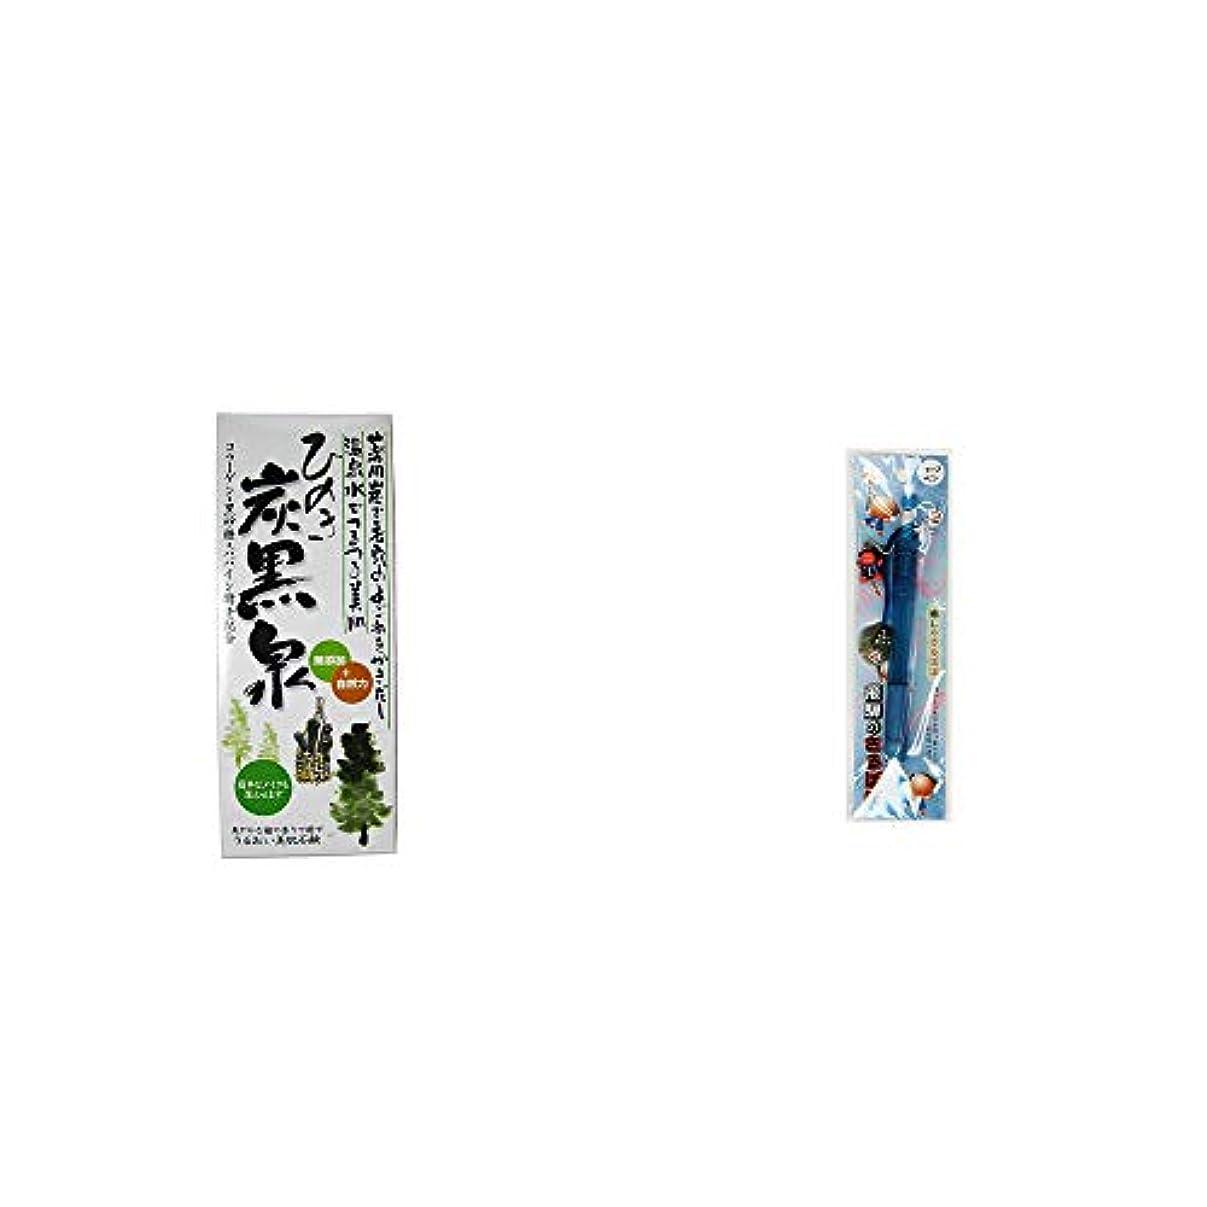 ターゲットスポンジターゲット[2点セット] ひのき炭黒泉 箱入り(75g×3)?さるぼぼ 癒しシャープペン 【ブルー】